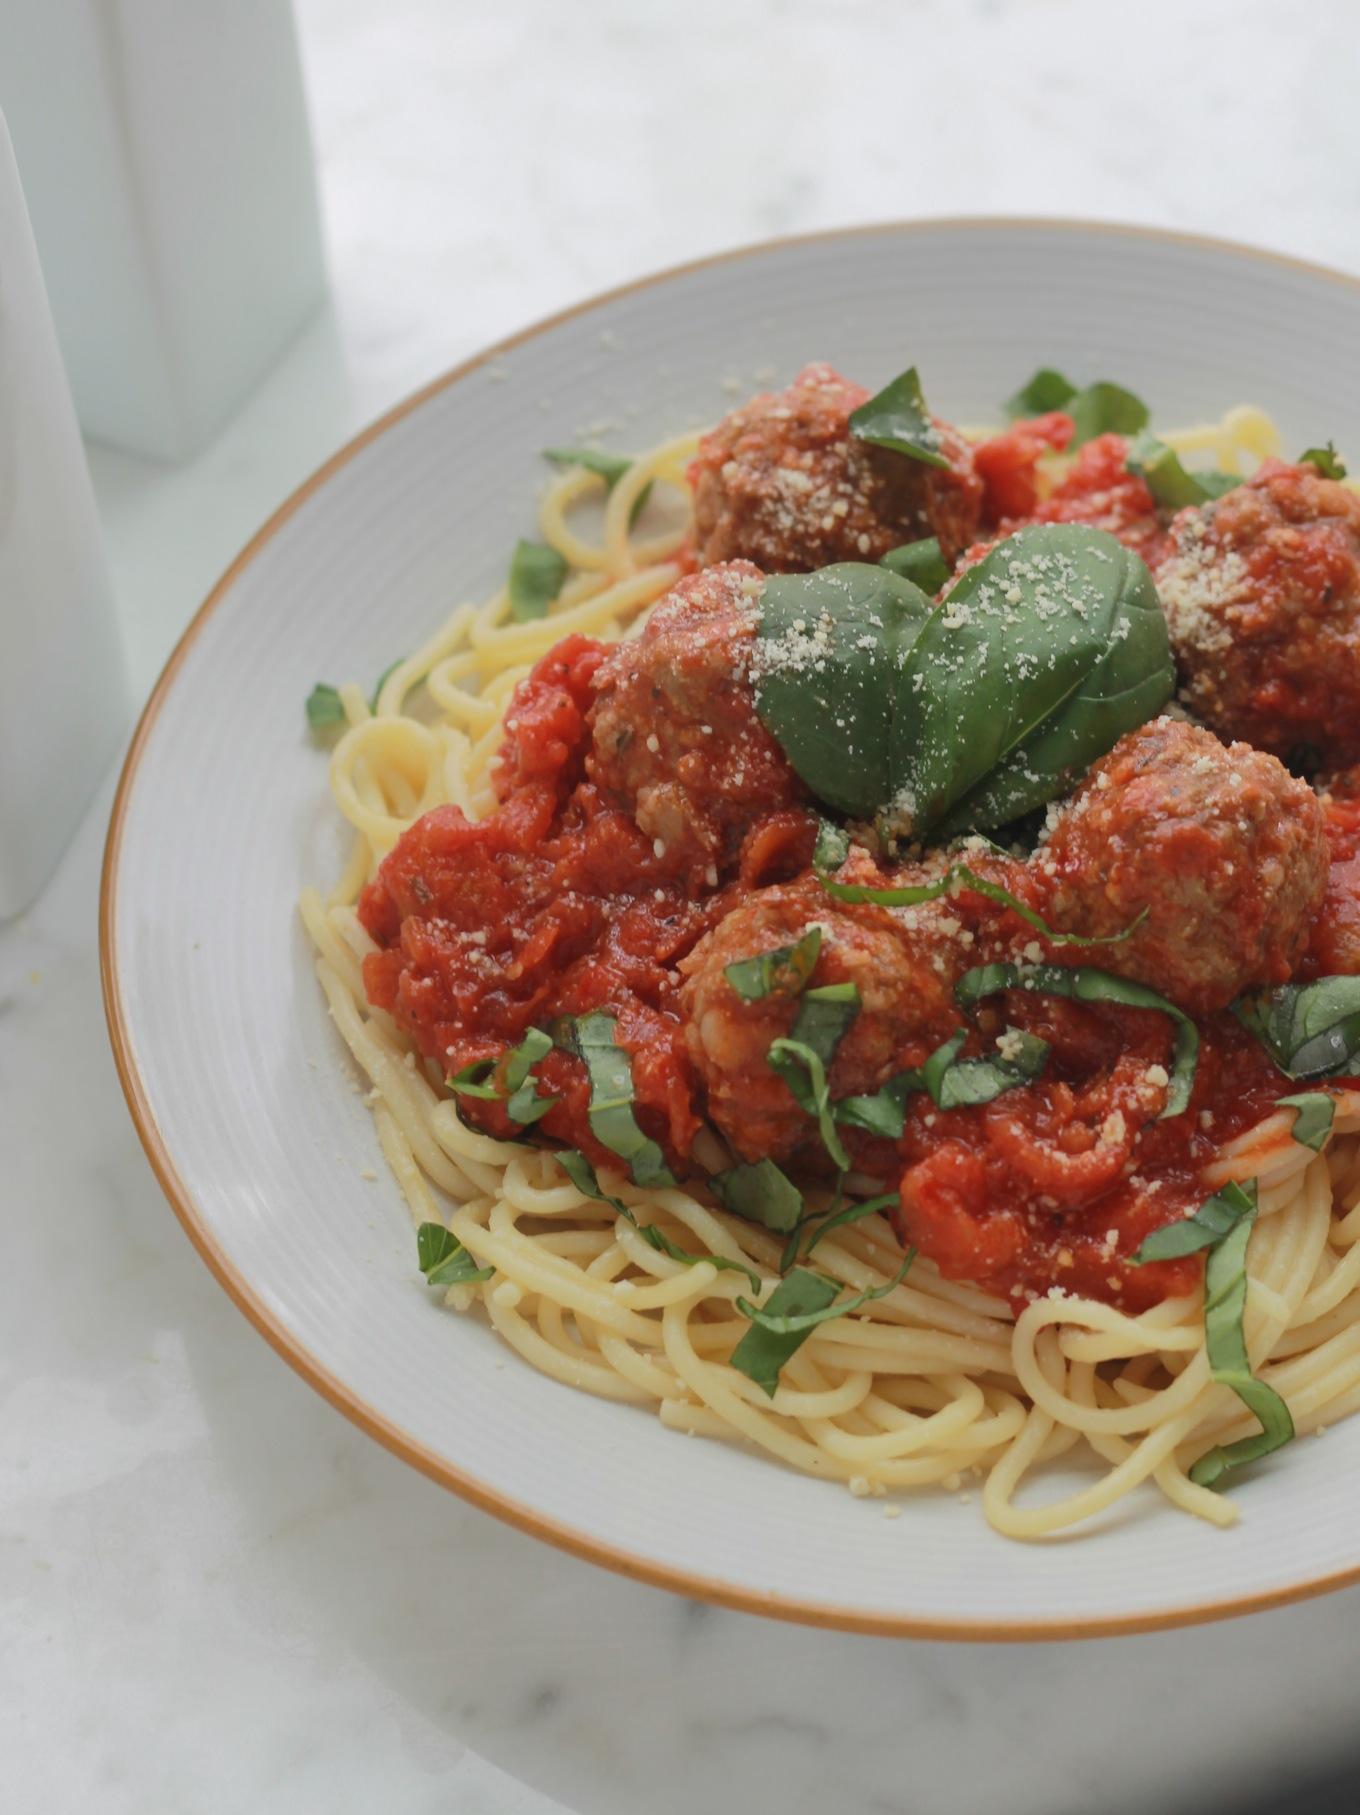 Voici un plat délicieux, facile et rapide à faire : des spaghetti aux boulettes de viande dans une sauce tomate. C'est un plat apprécié de tout le monde, particulièrement les enfants./cuisineculinaire.com